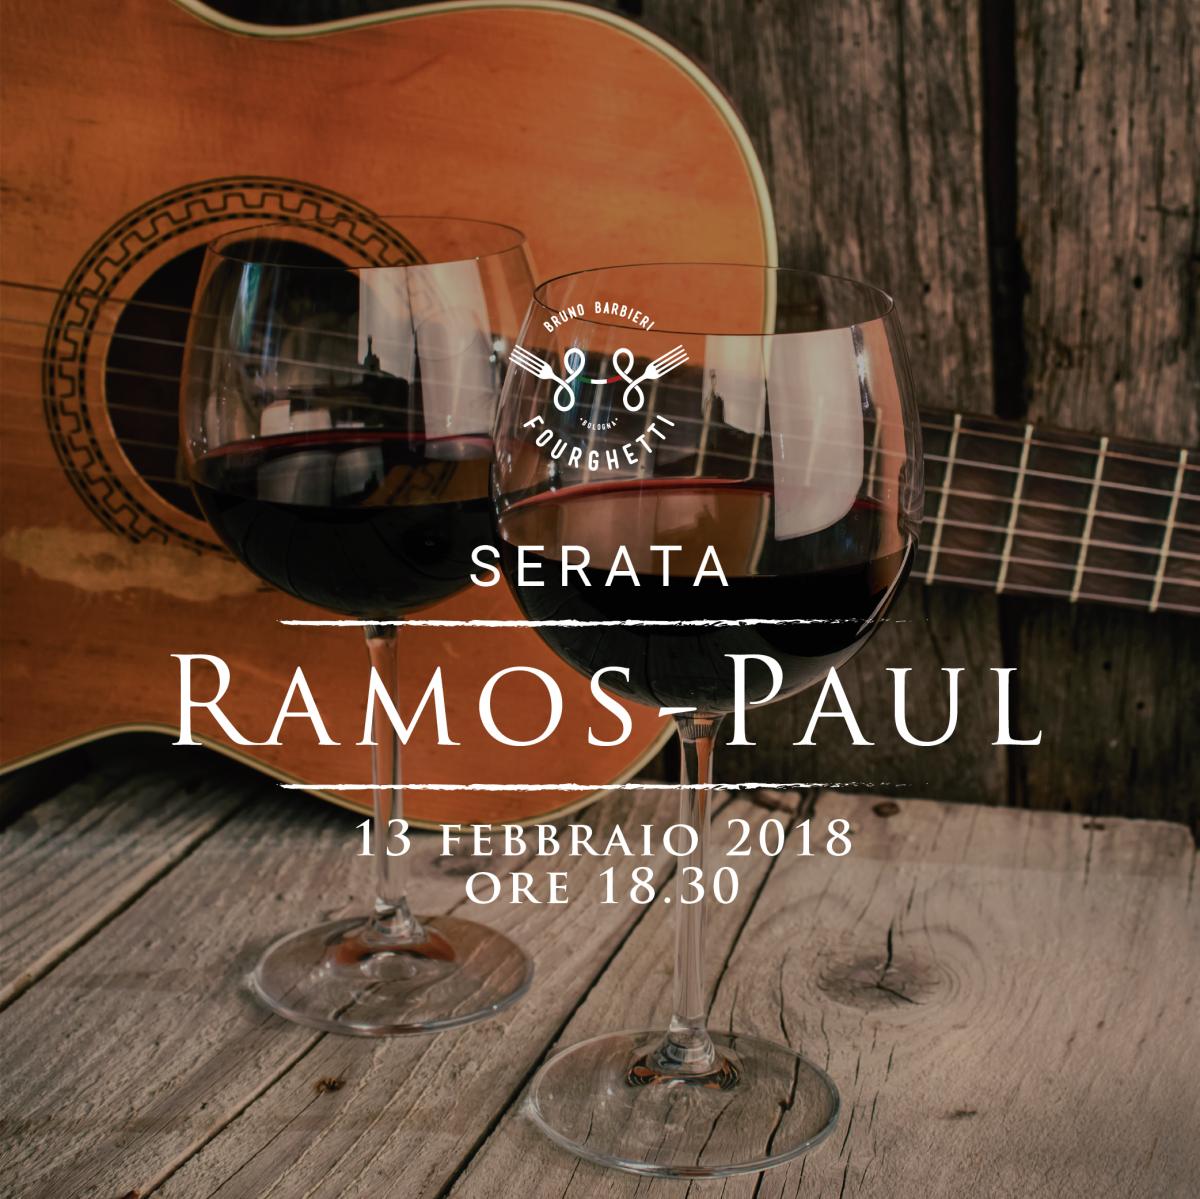 FOURGHETTI INCONTRA CANTINA RAMOS PAUL